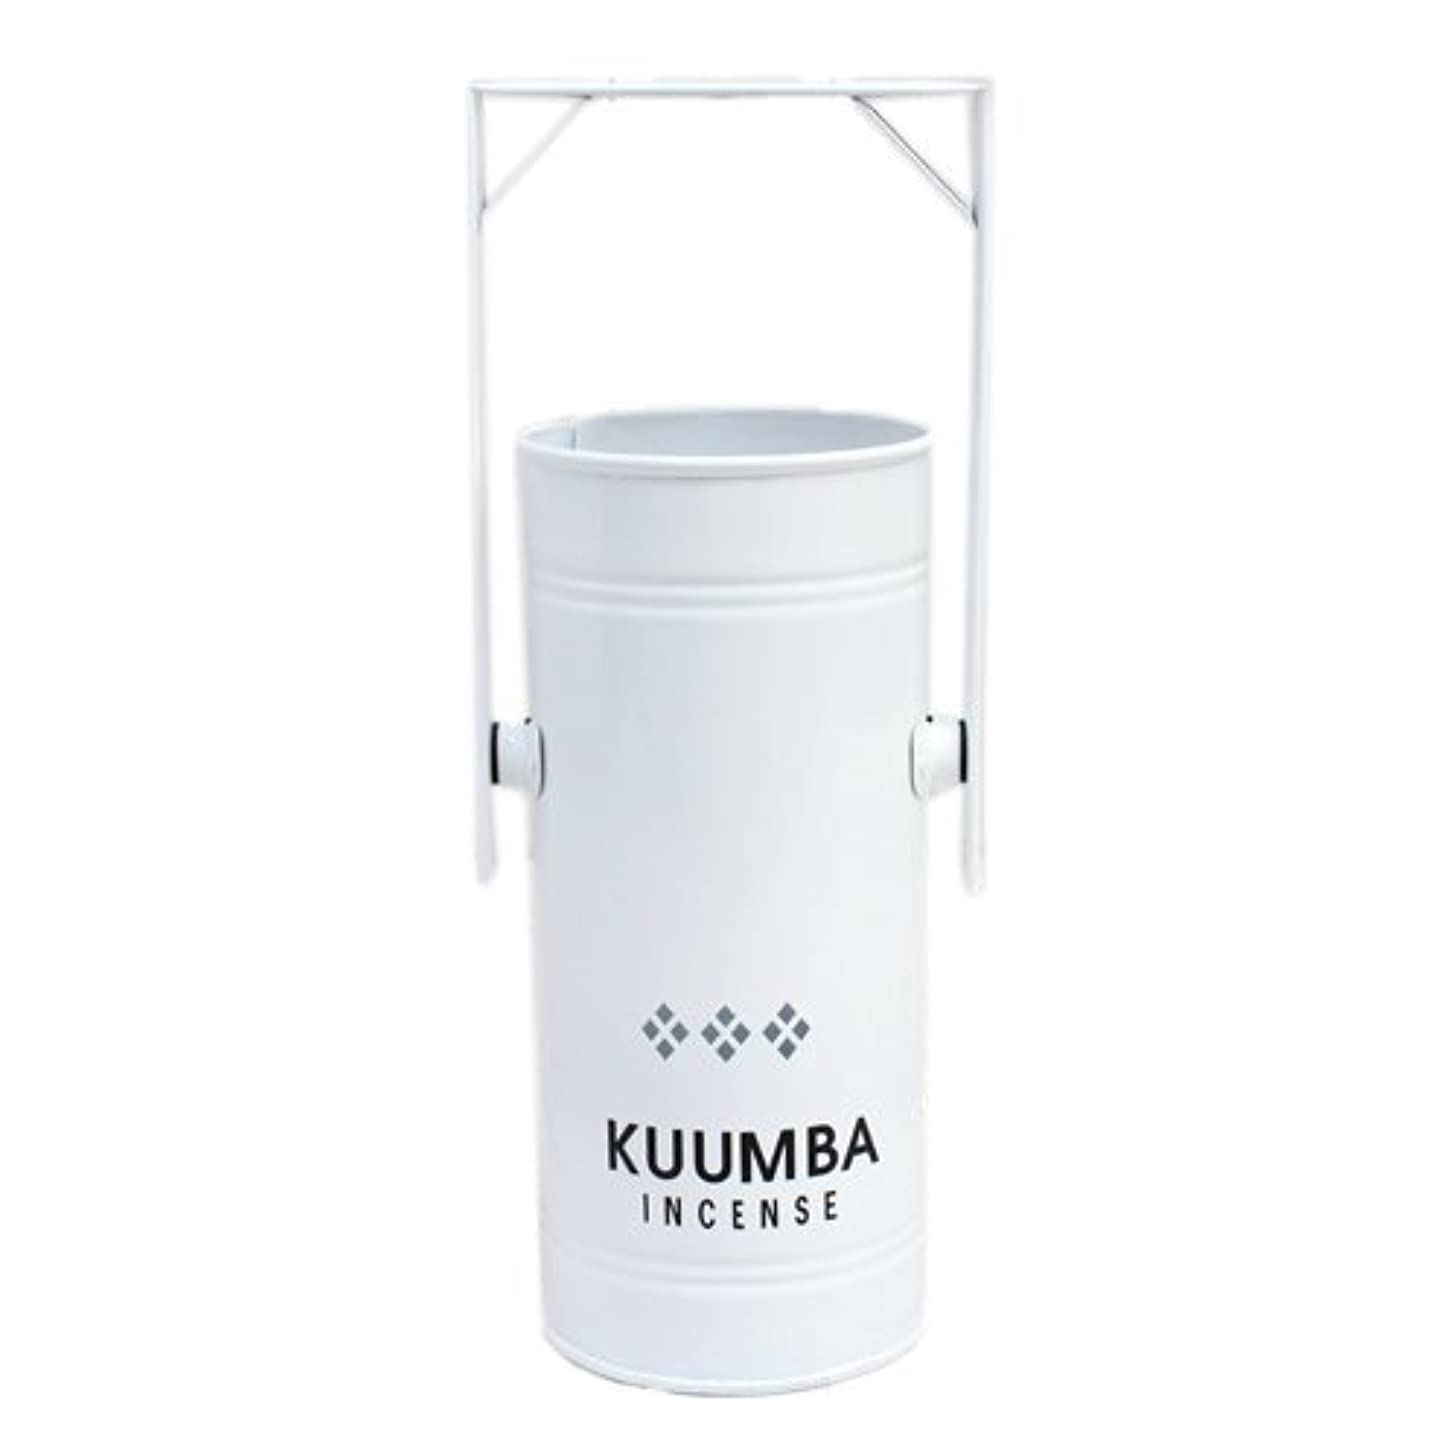 終わったファッション実際にKUUMBA (クンバ)『INCENSE BURNER-Regular』(WHITE) (ONE SIZE, WHITE)